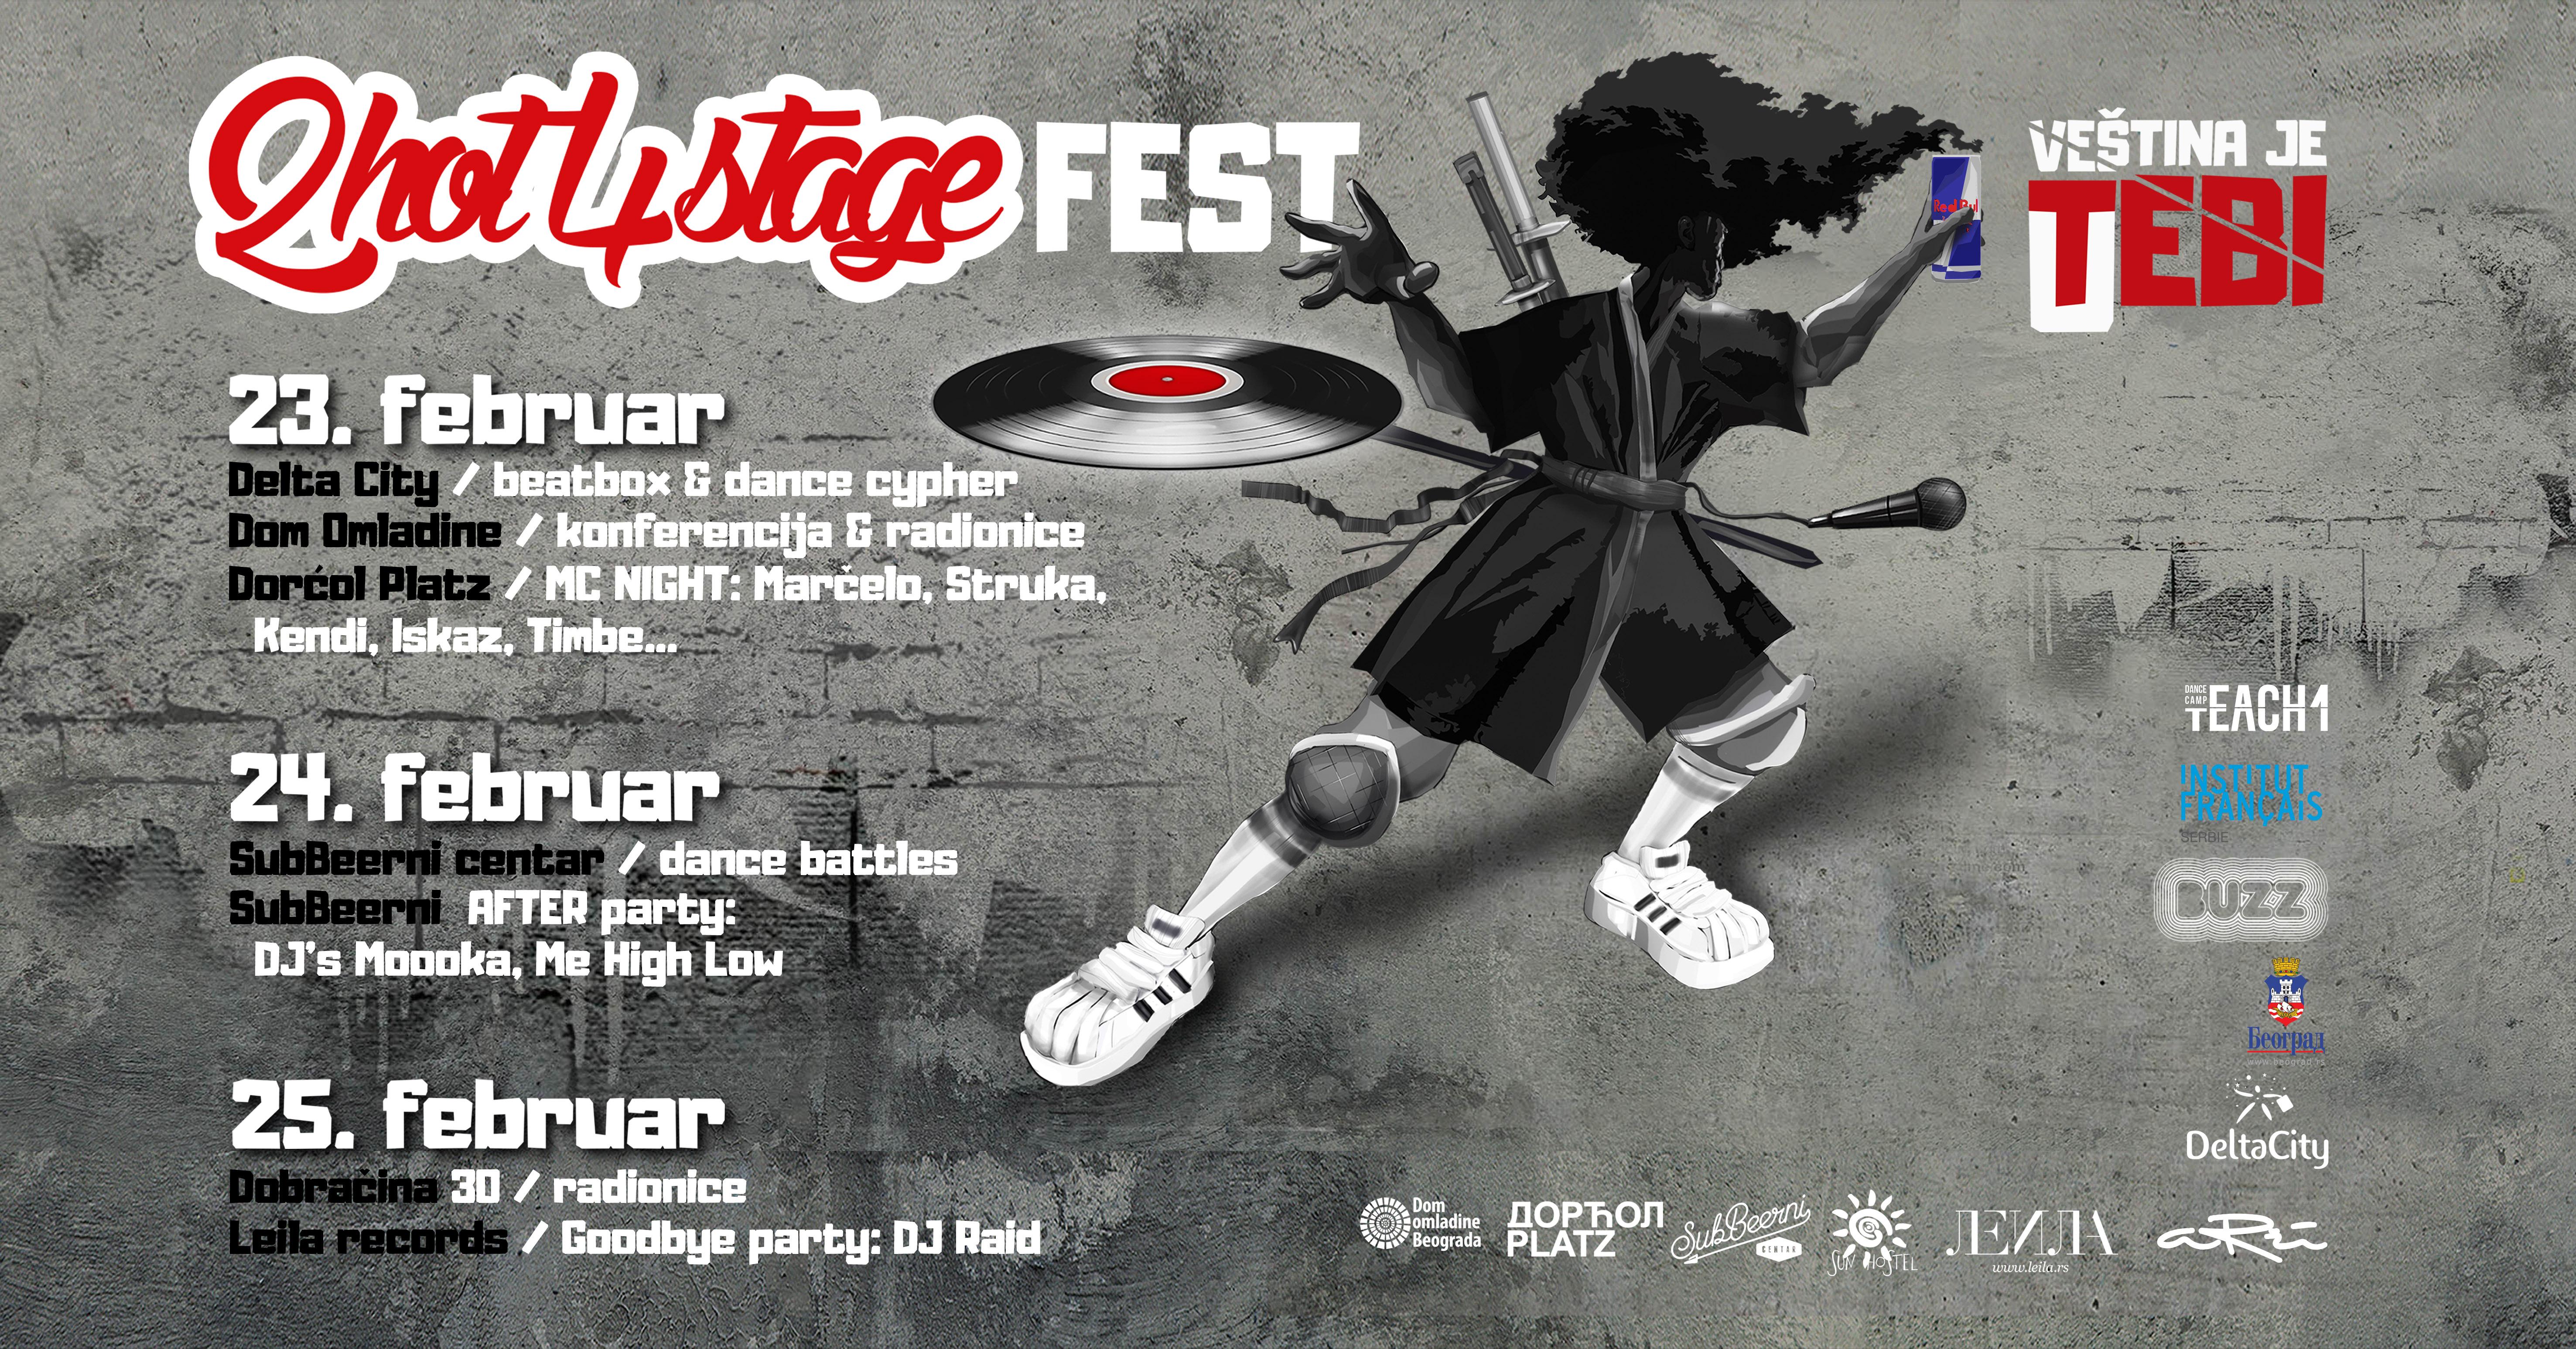 2Hot4Stage Fest 2018: Veština je u tebi